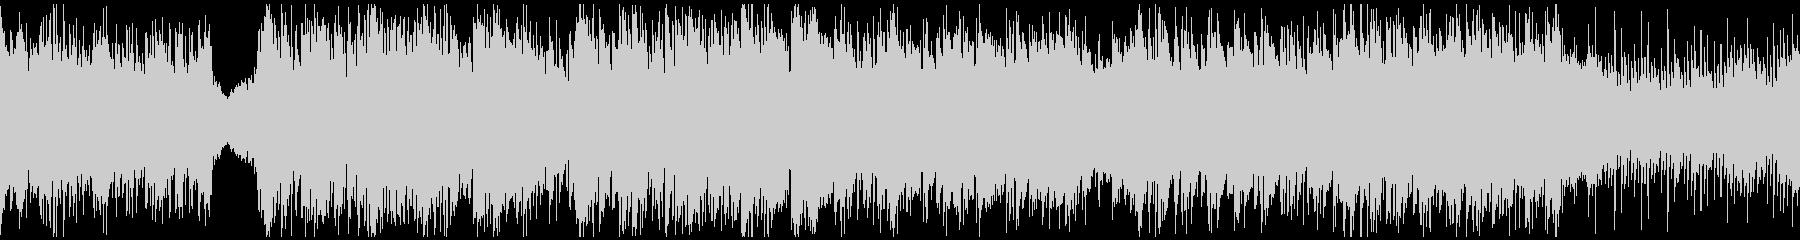 神秘的な民族音楽・ループの未再生の波形